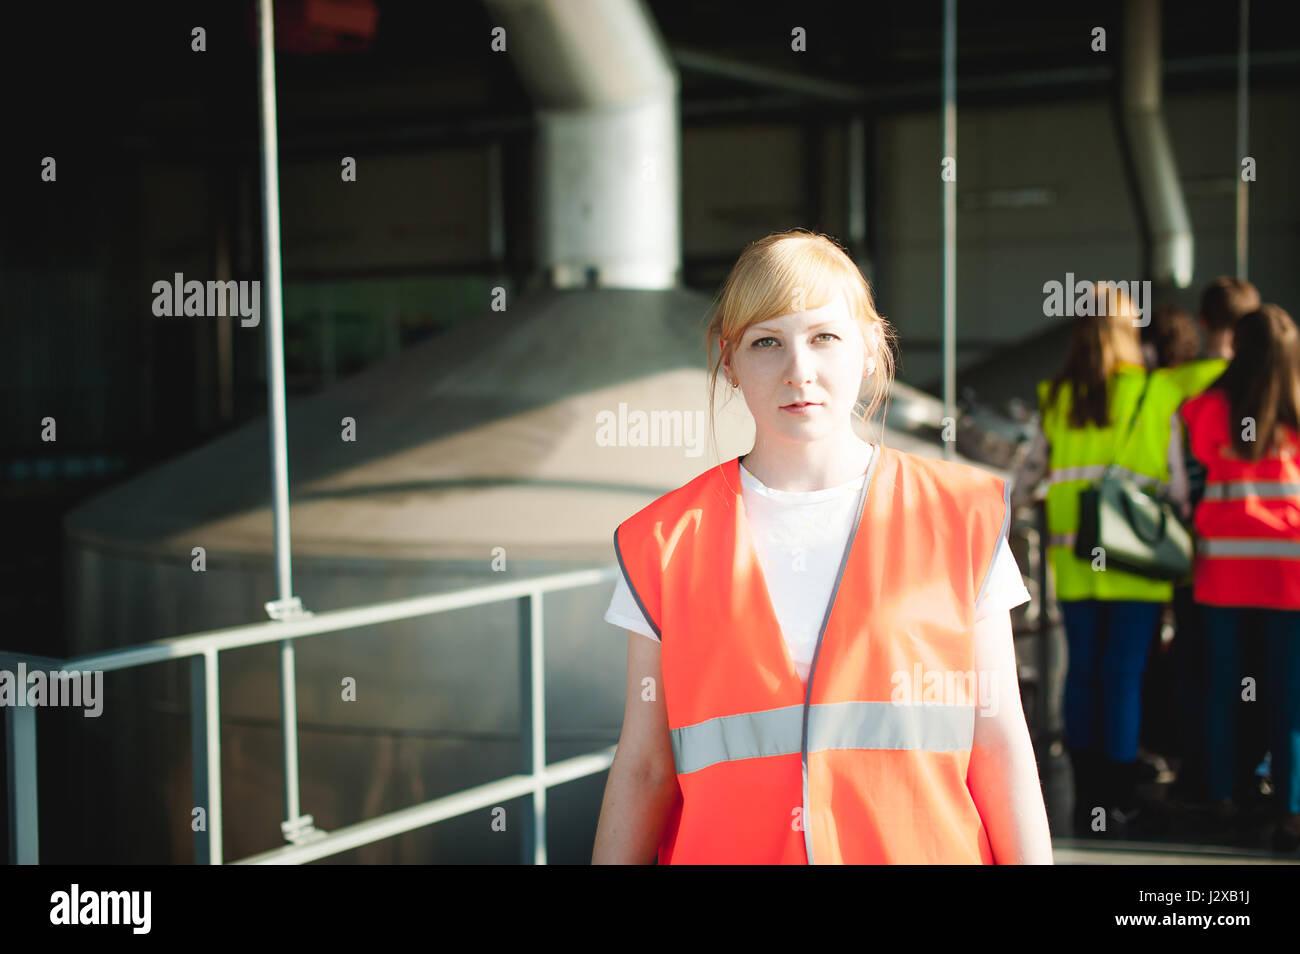 Femme blonde en salopette, sur la visite de la brasserie plante dans les locaux industriels, au milieu d'une foule de gens dans les gilets pare-balles, d'inspecter une usine pour la formation p Banque D'Images